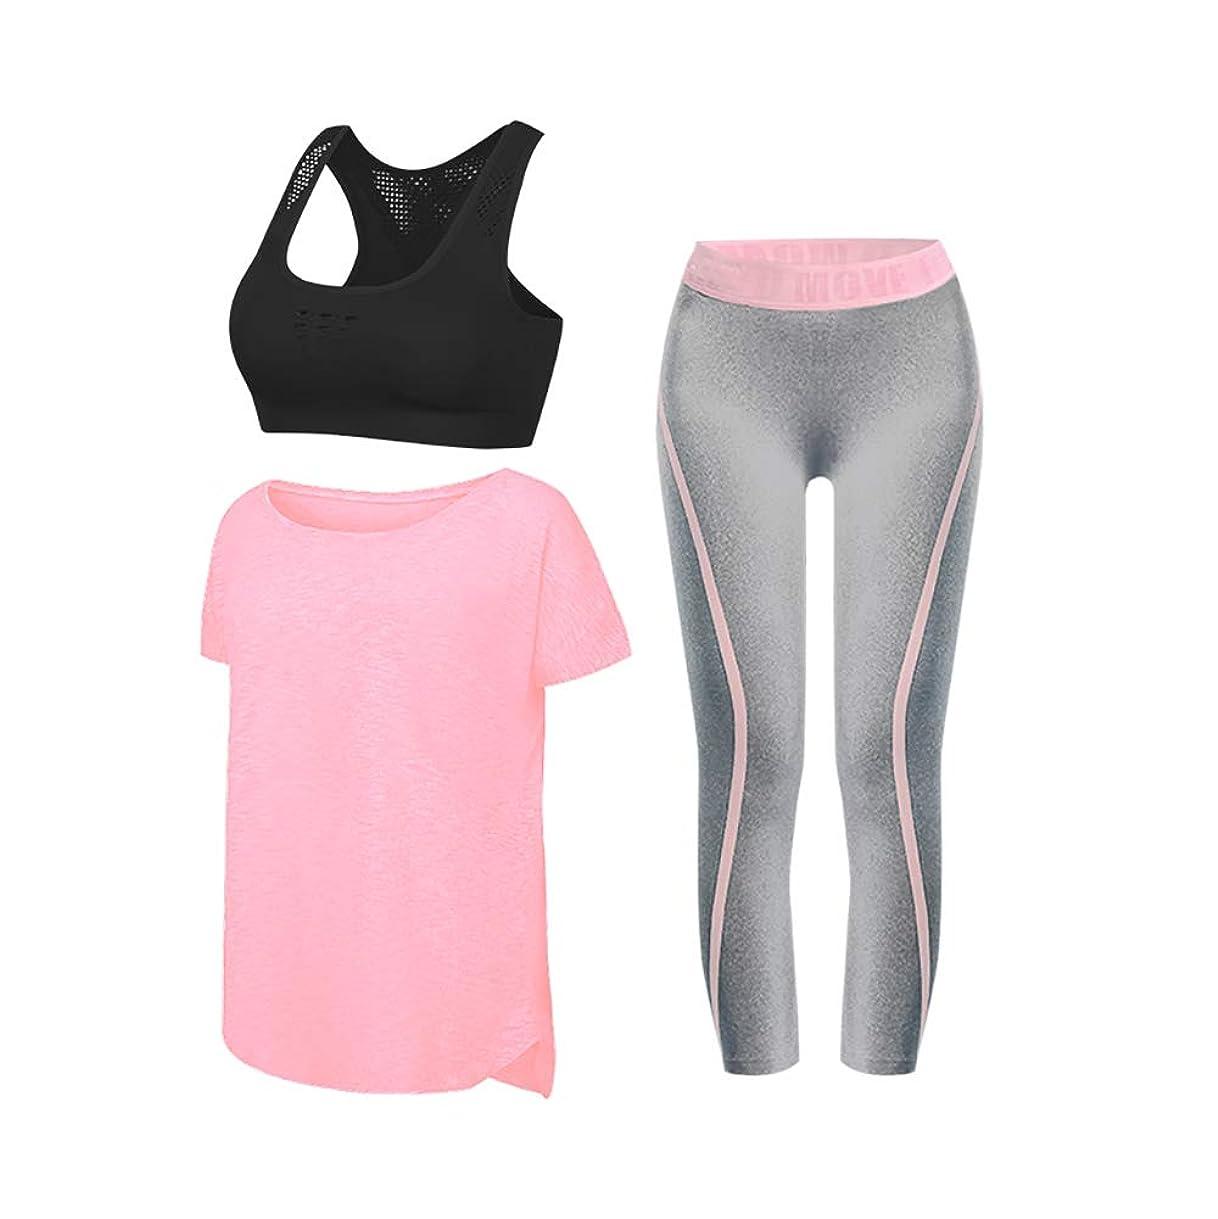 歯車リンススポーツ速乾スーツヨガ服フィットネス服女性のスポーツスーツ